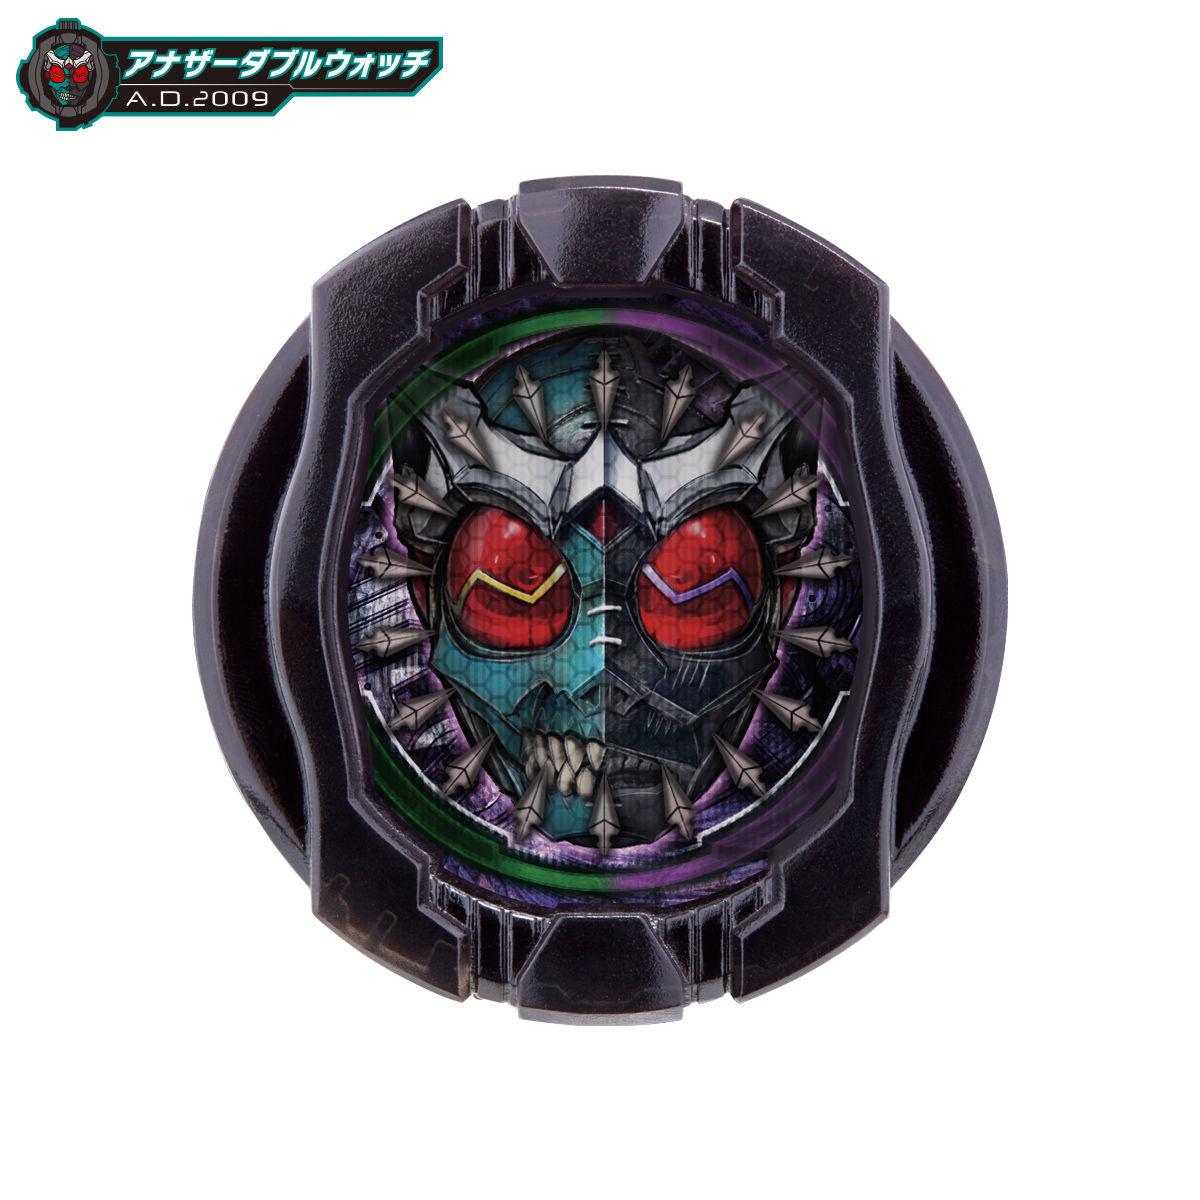 仮面ライダージオウ『DXアナザーウォッチセットVOL.2』変身なりきり-008